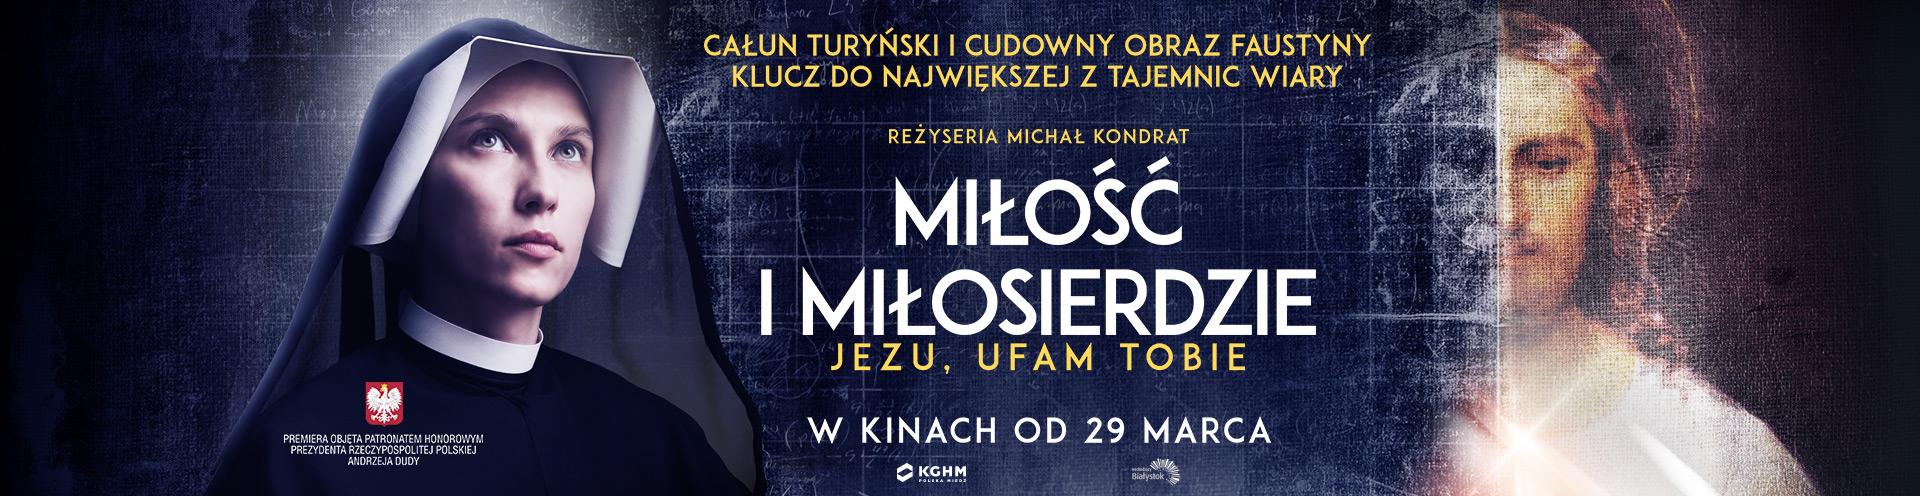 milosc-i-milosierdzie_slider.jpg